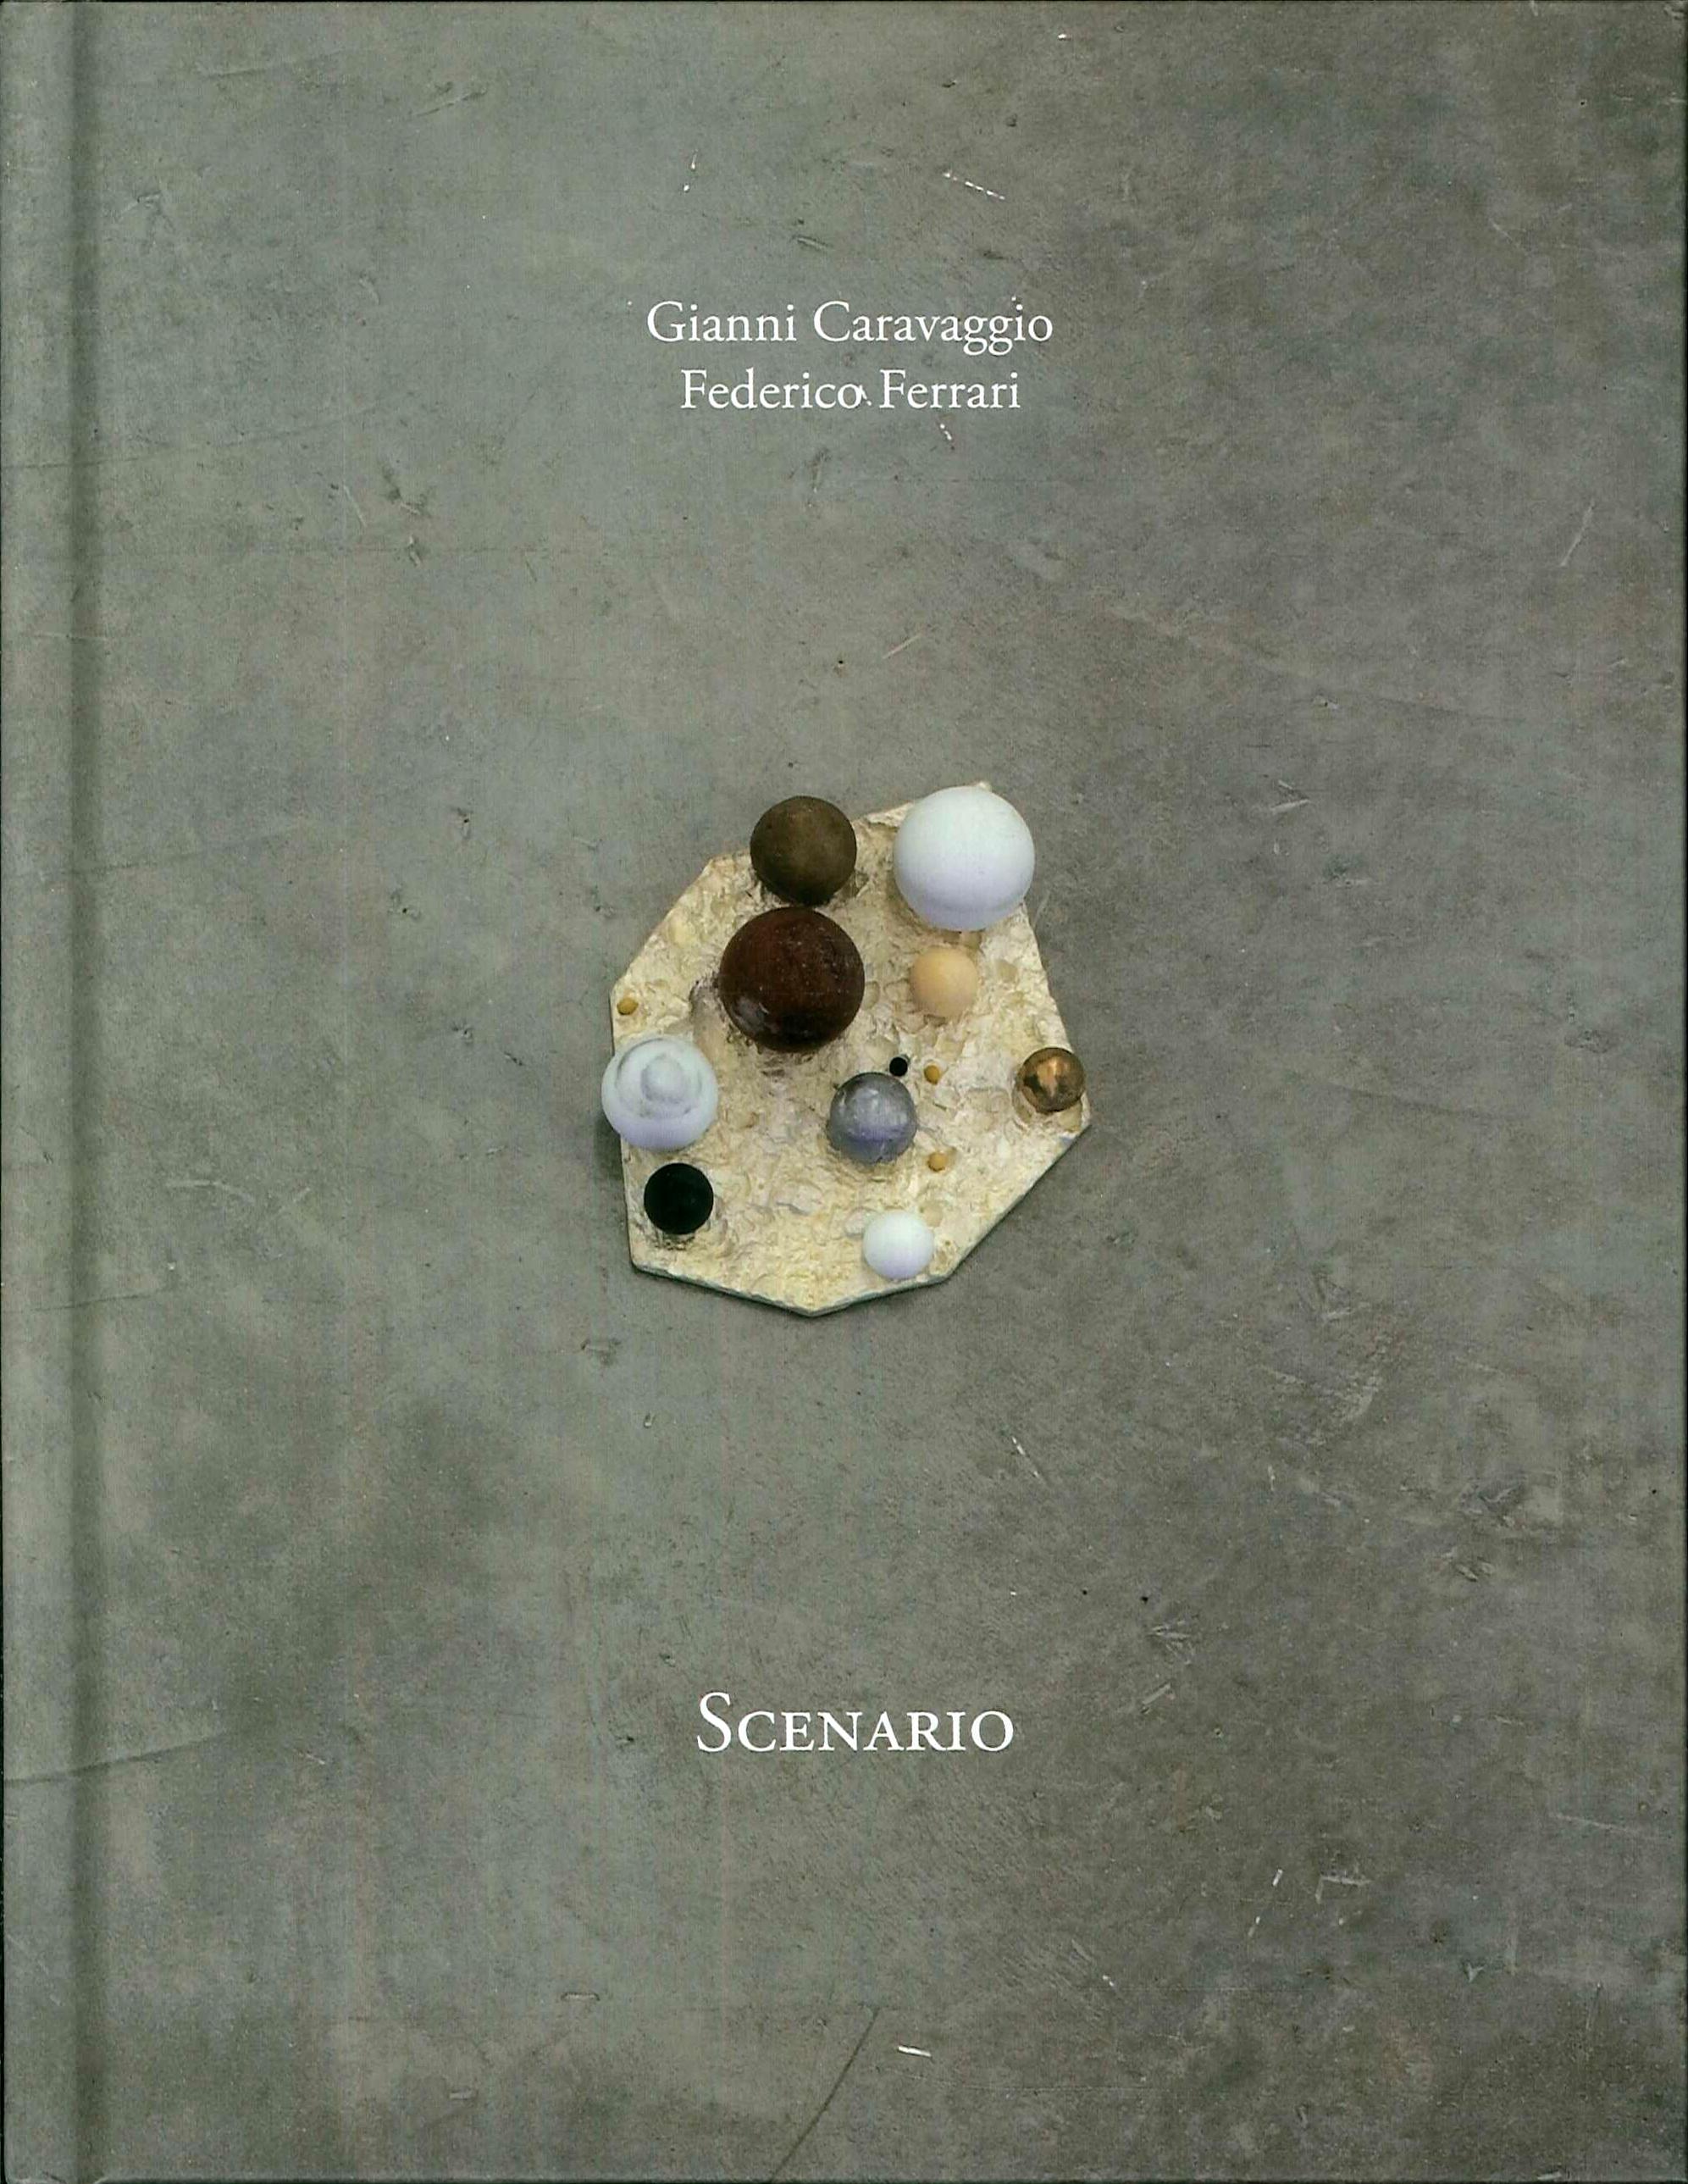 Scenario. Gianni Caravaggio.